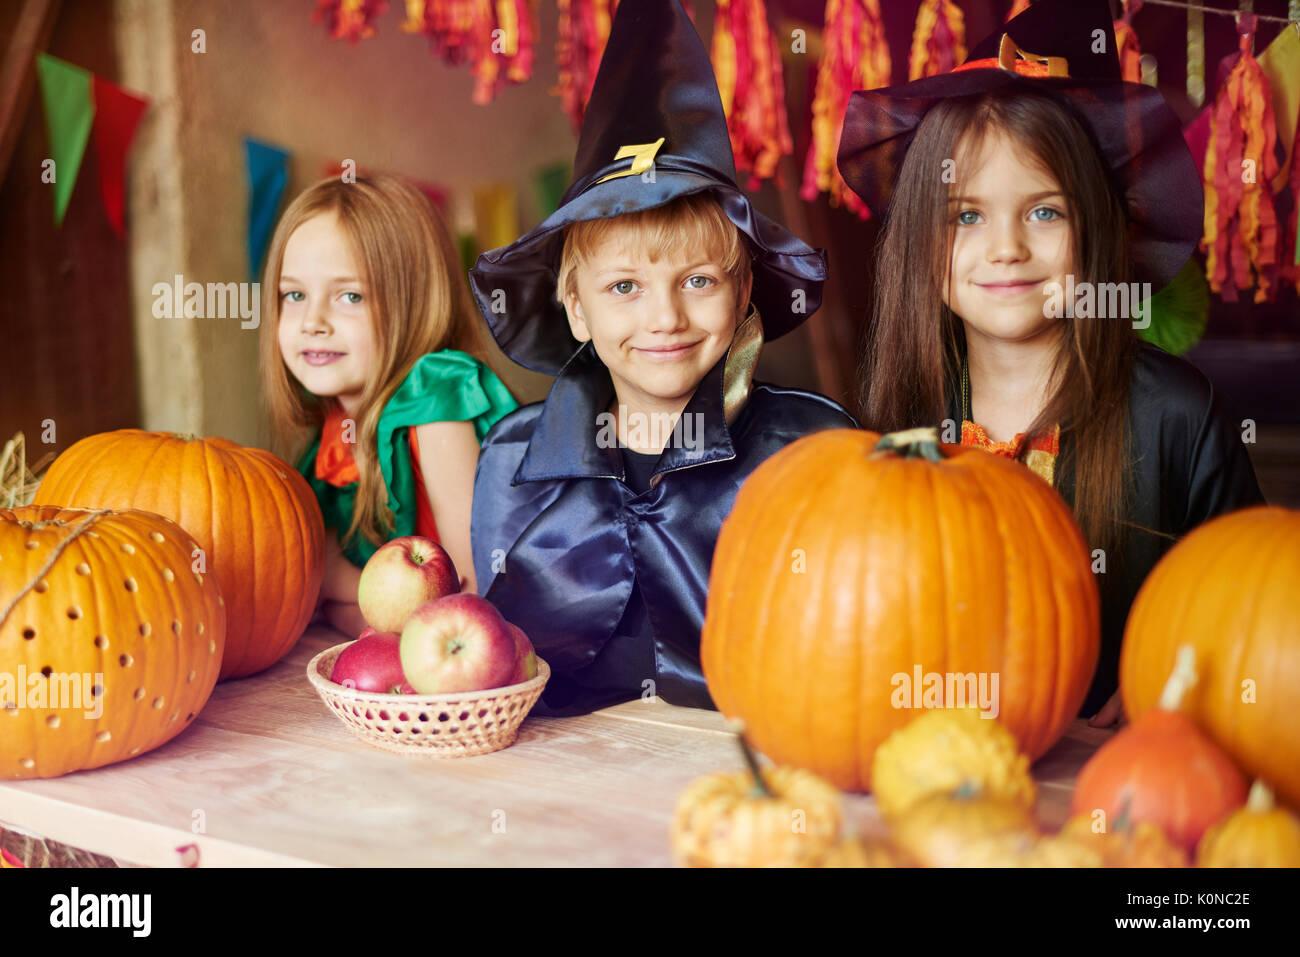 Ritratto di bambini vestiti in costumi di Halloween Immagini Stock